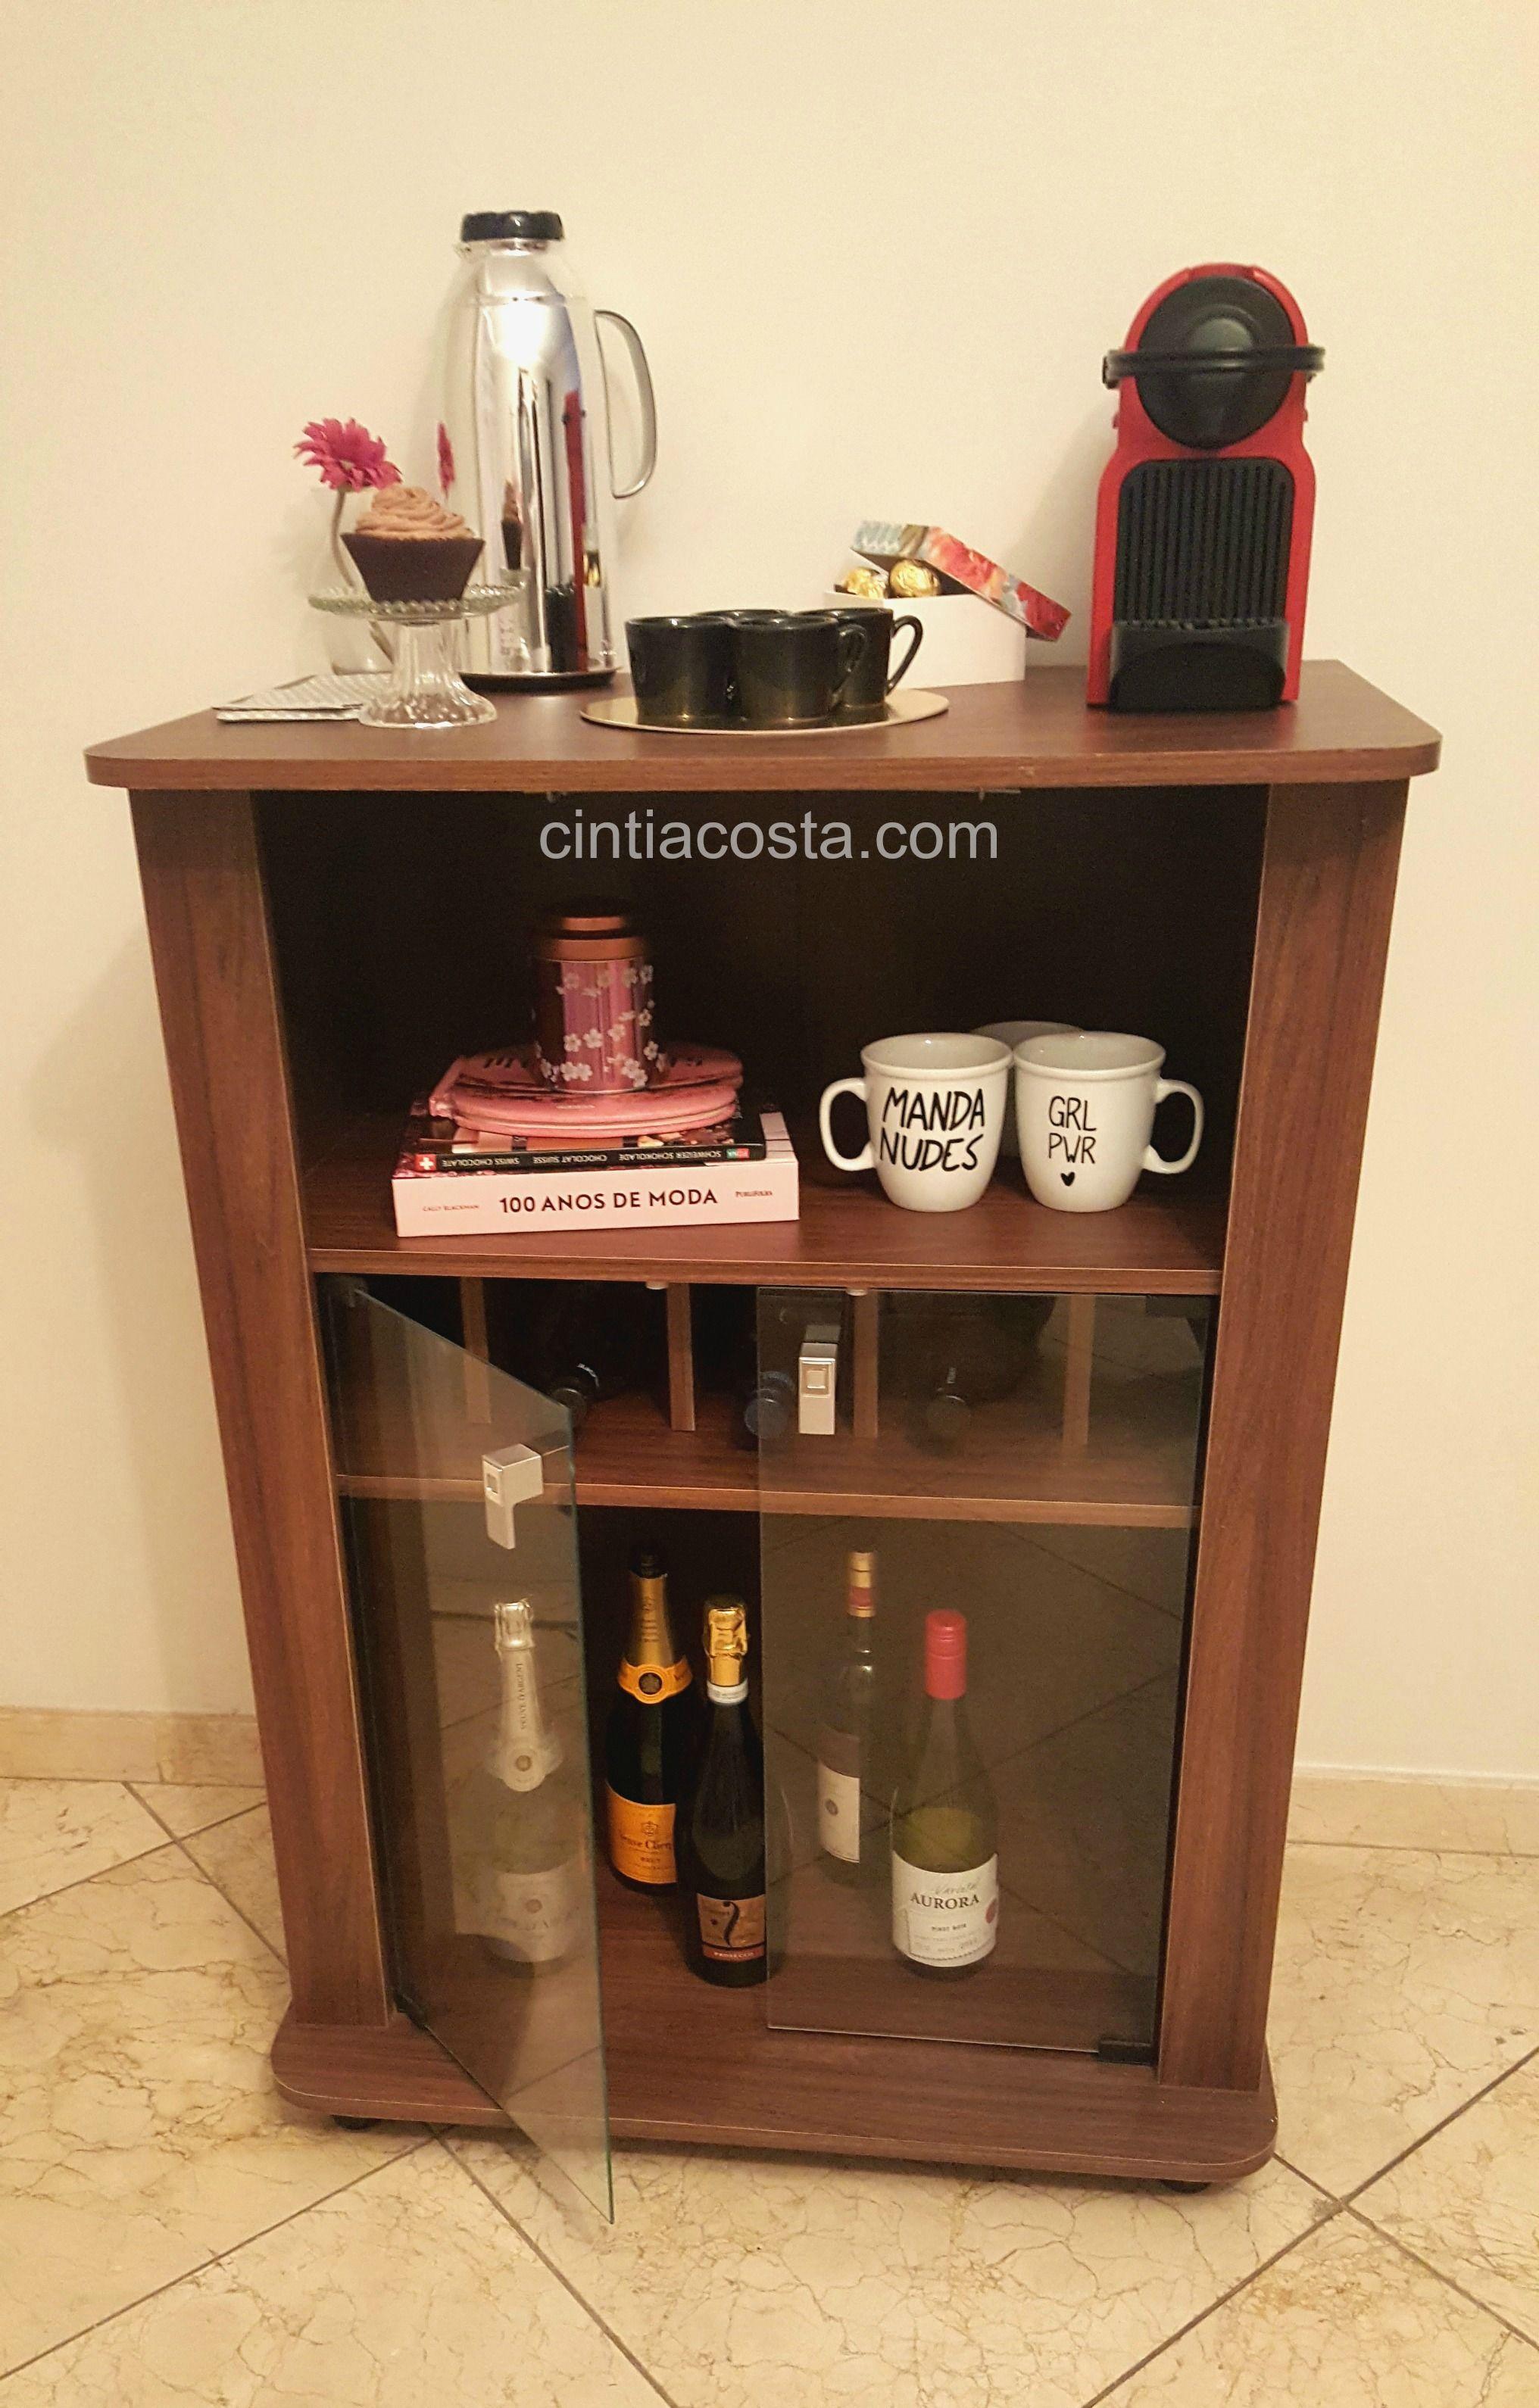 Decoração da casa: móvel da Politorno estilo bar para café e bebidas. Modelo Aurora, cor imbuia. Foto: cintiacosta.com